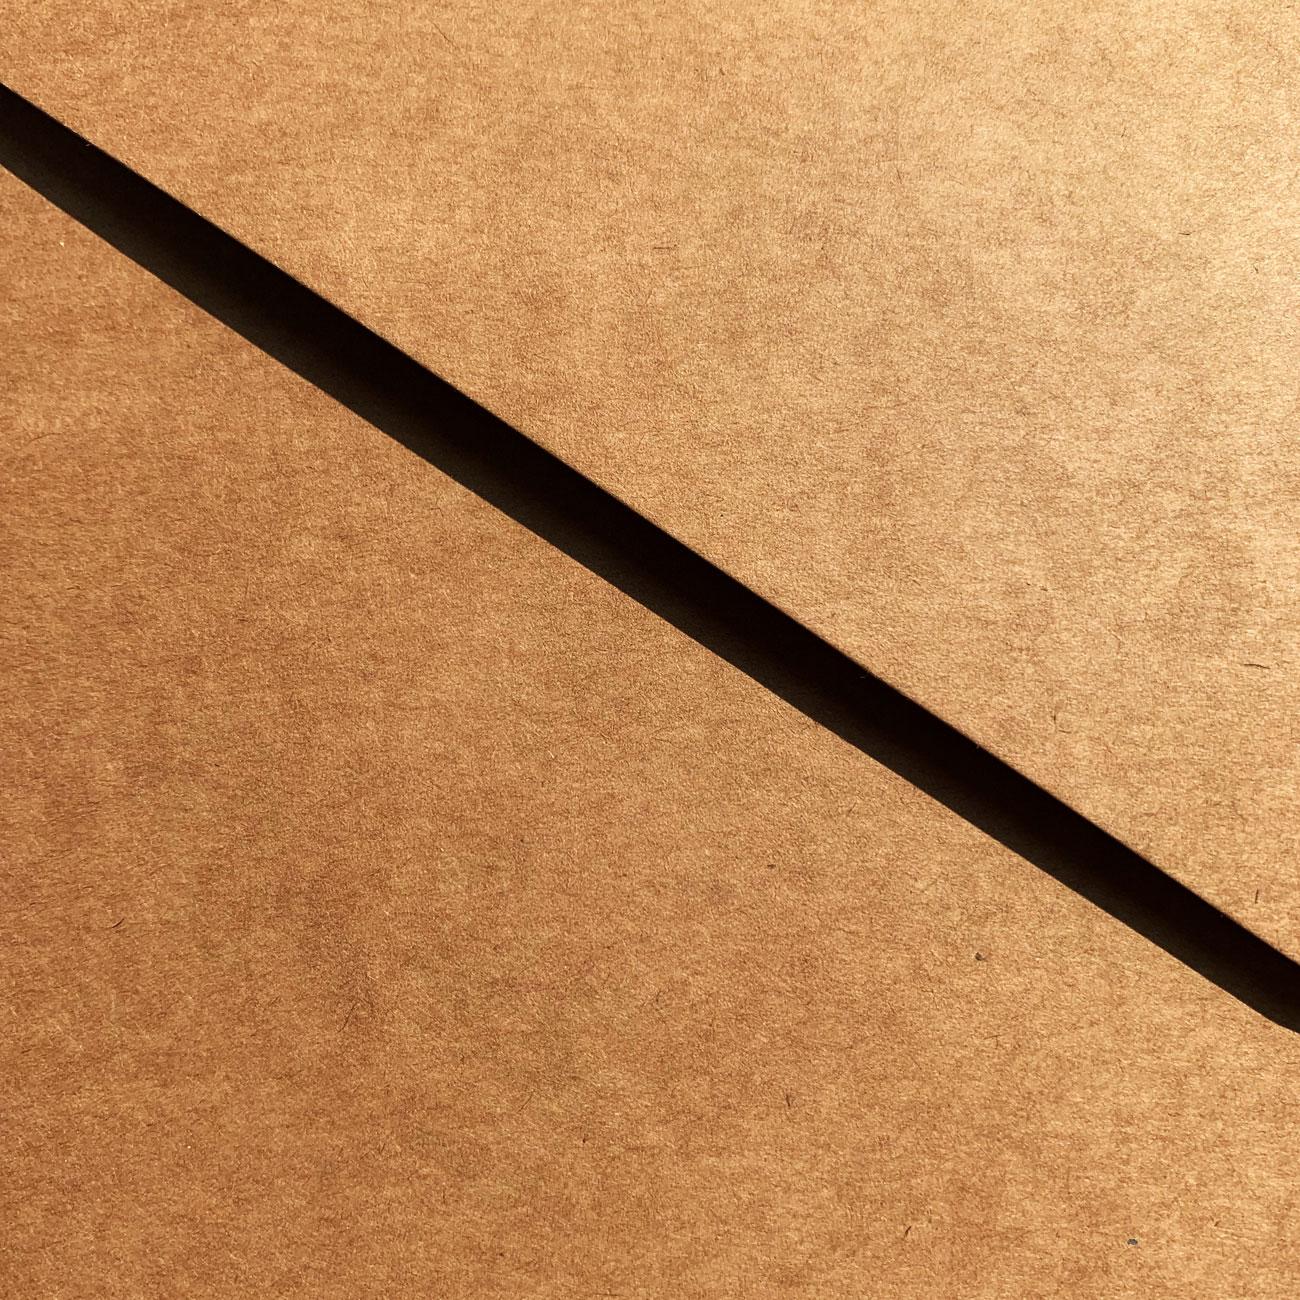 Schwartz Klettpunkt Mappe, packpapierbraun,